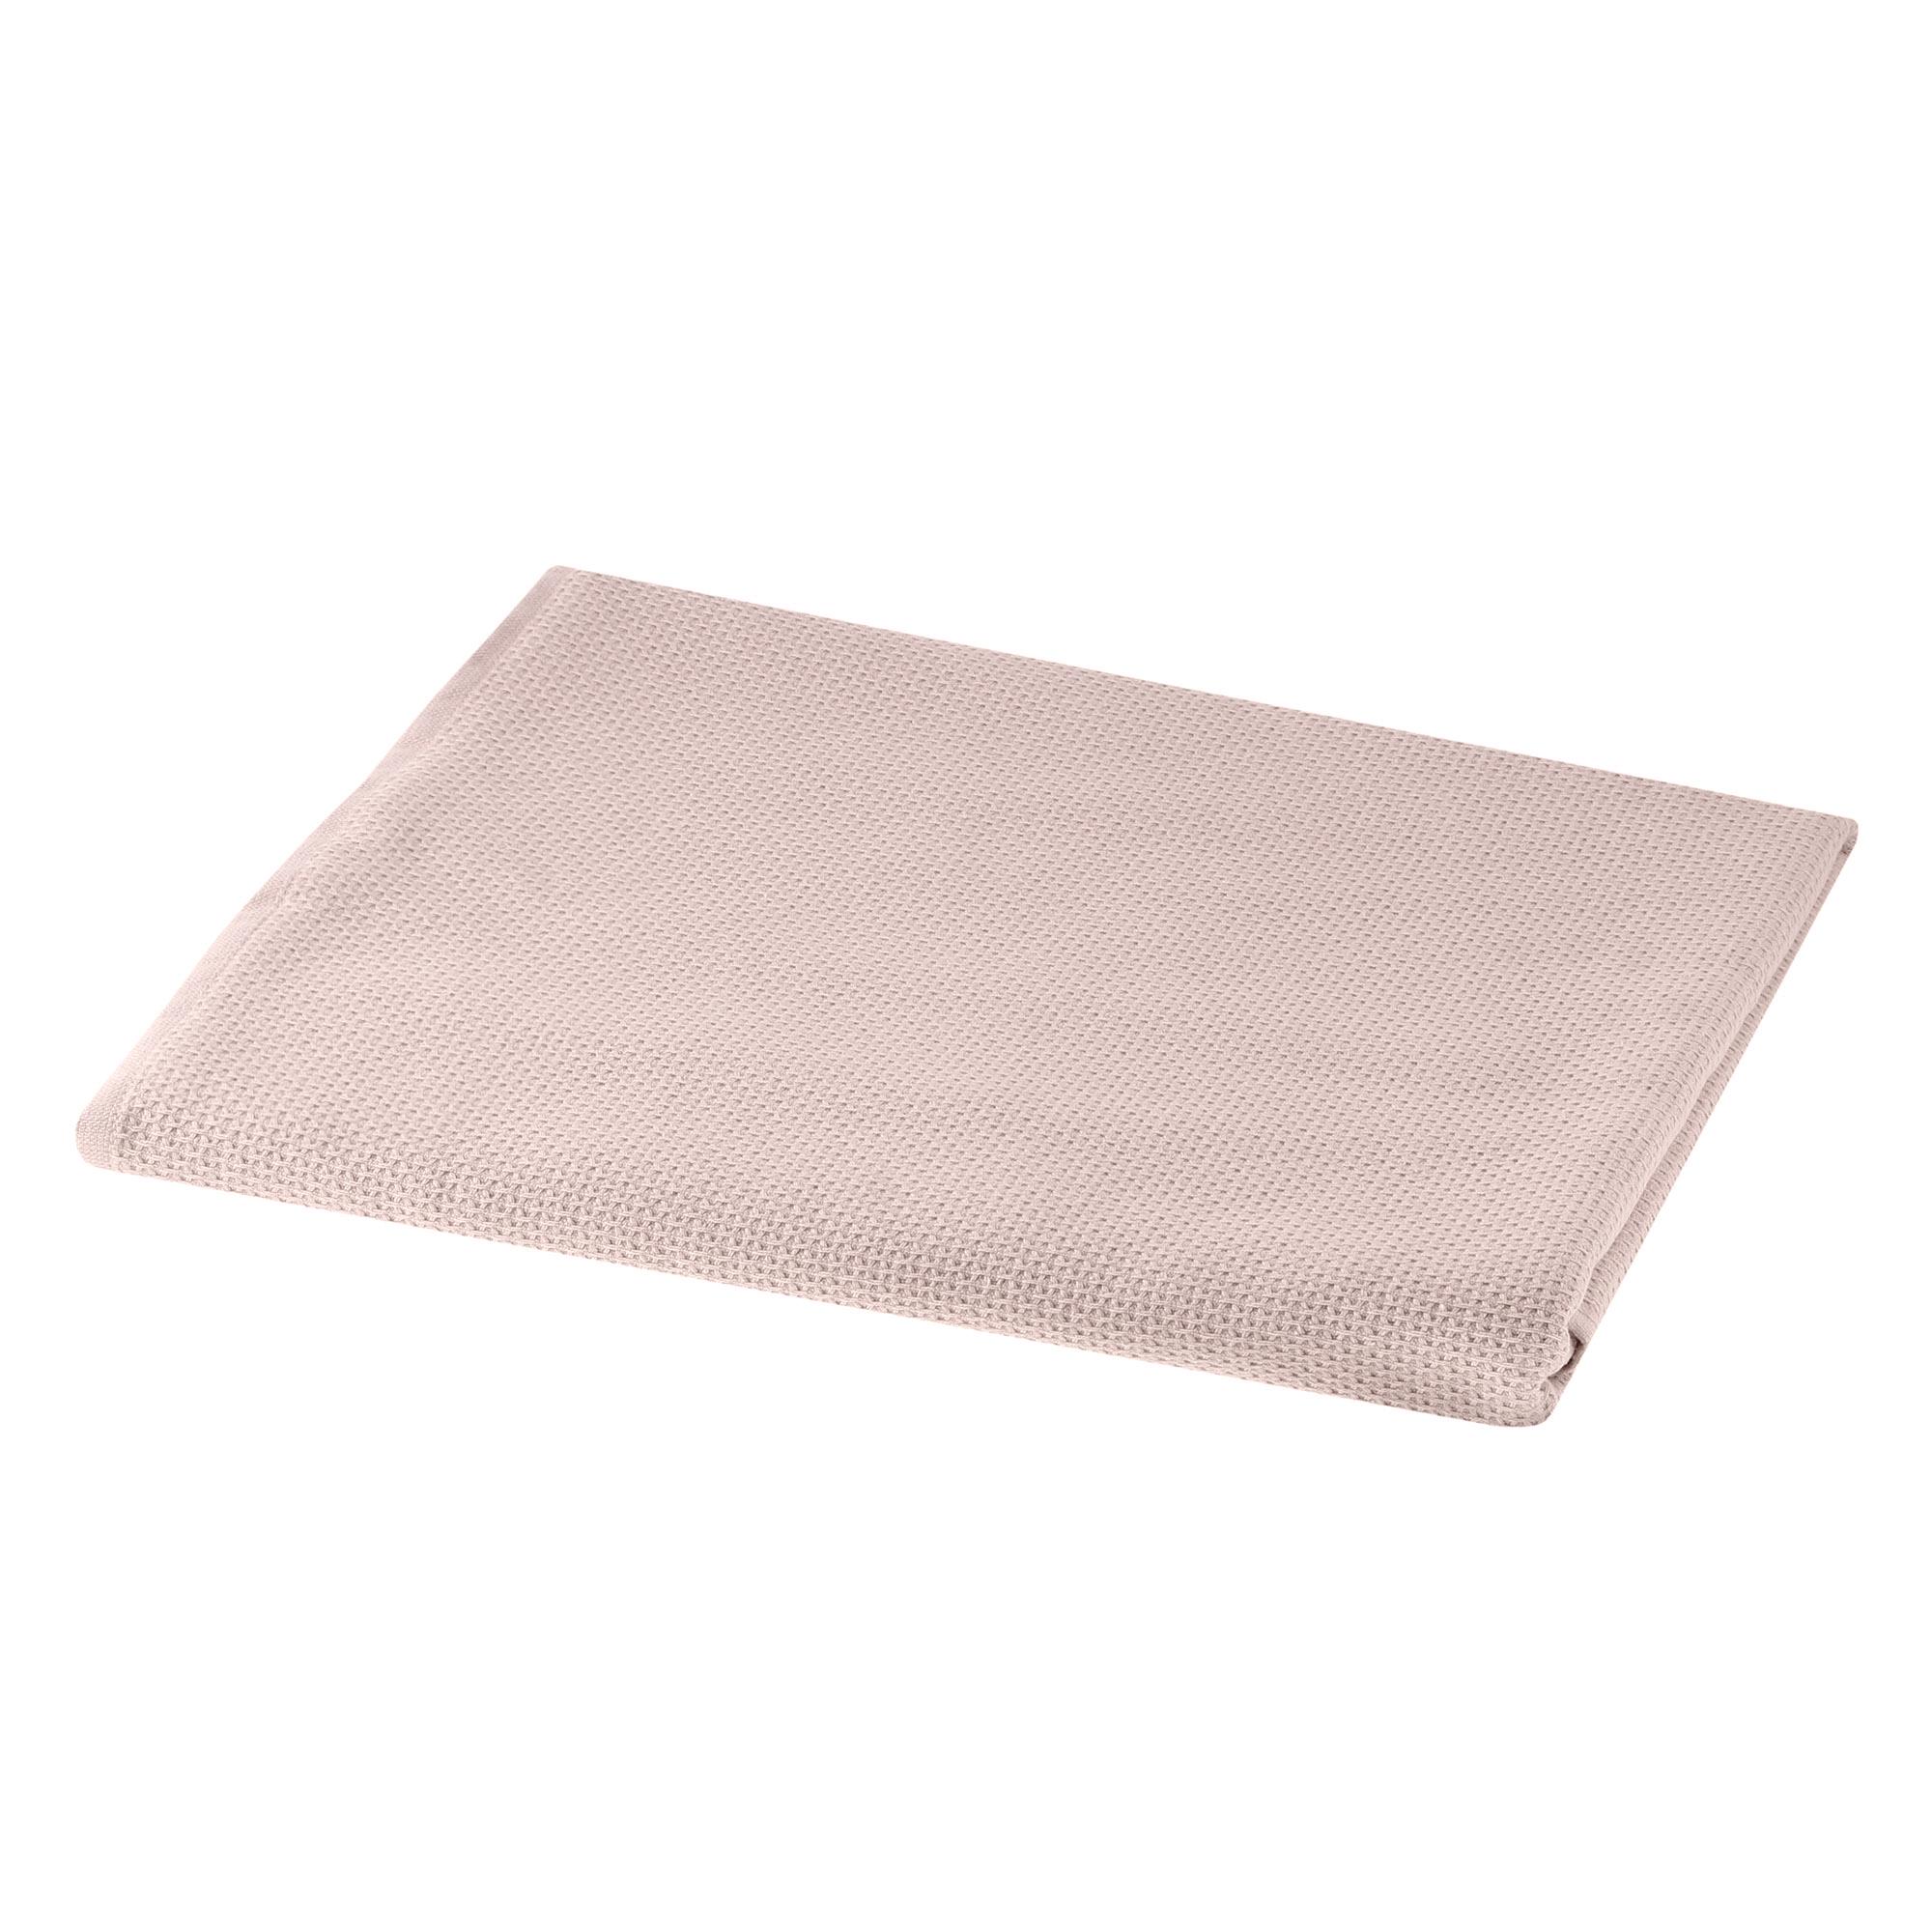 Фото - Полотенце двухстороннее Asil 100x150 l.beige полотенце valentini 100x150 aqua 1228